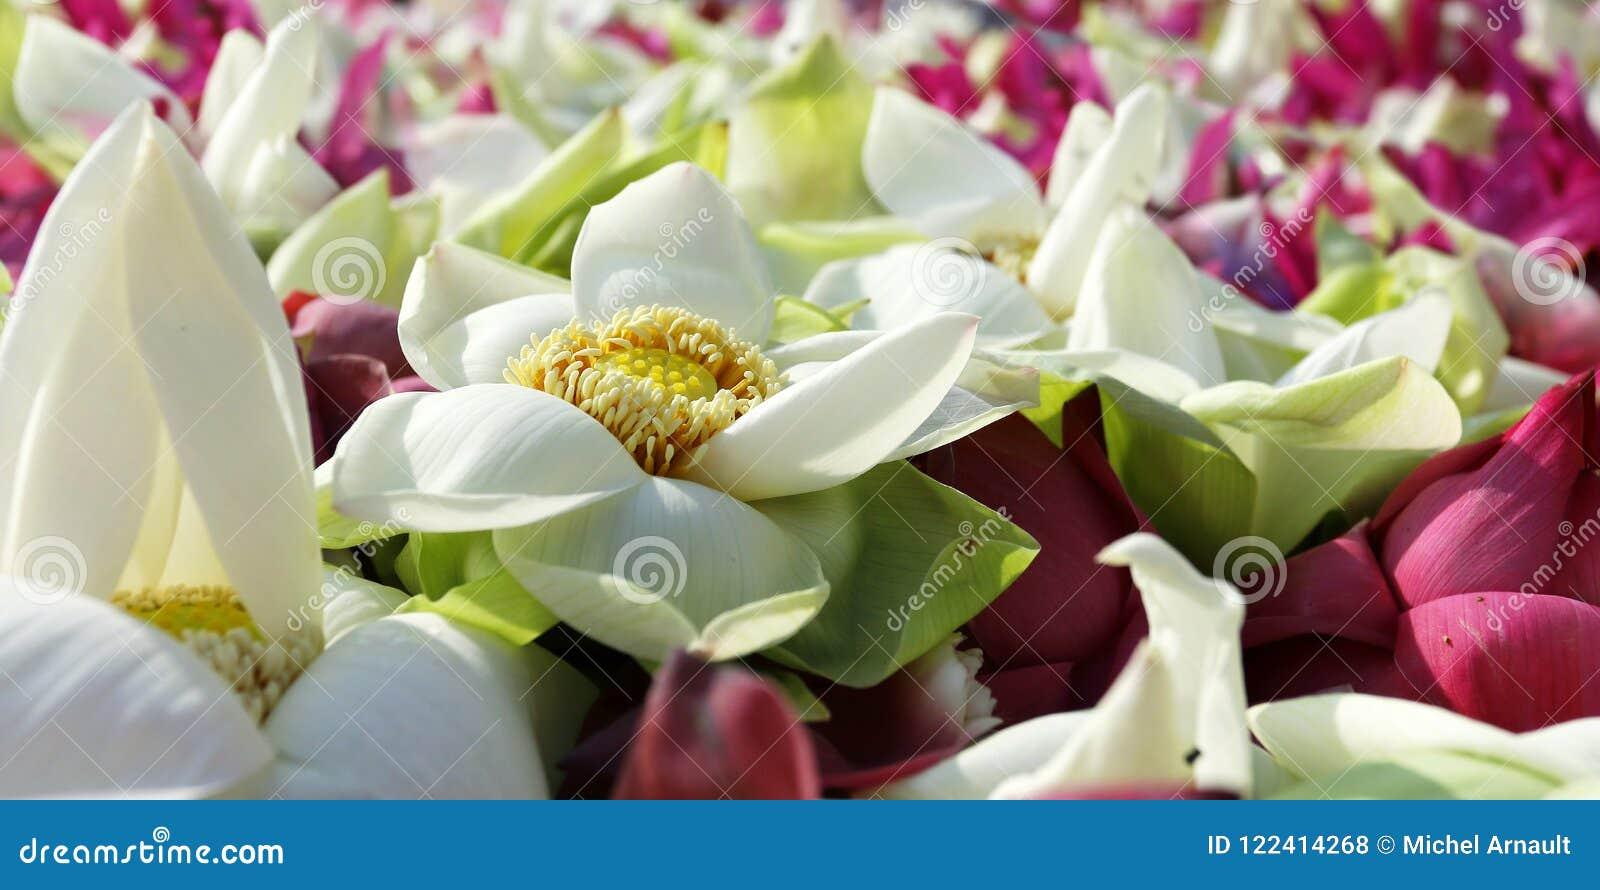 Flor De Loto En Templo Budista Foto De Archivo Imagen De Barco